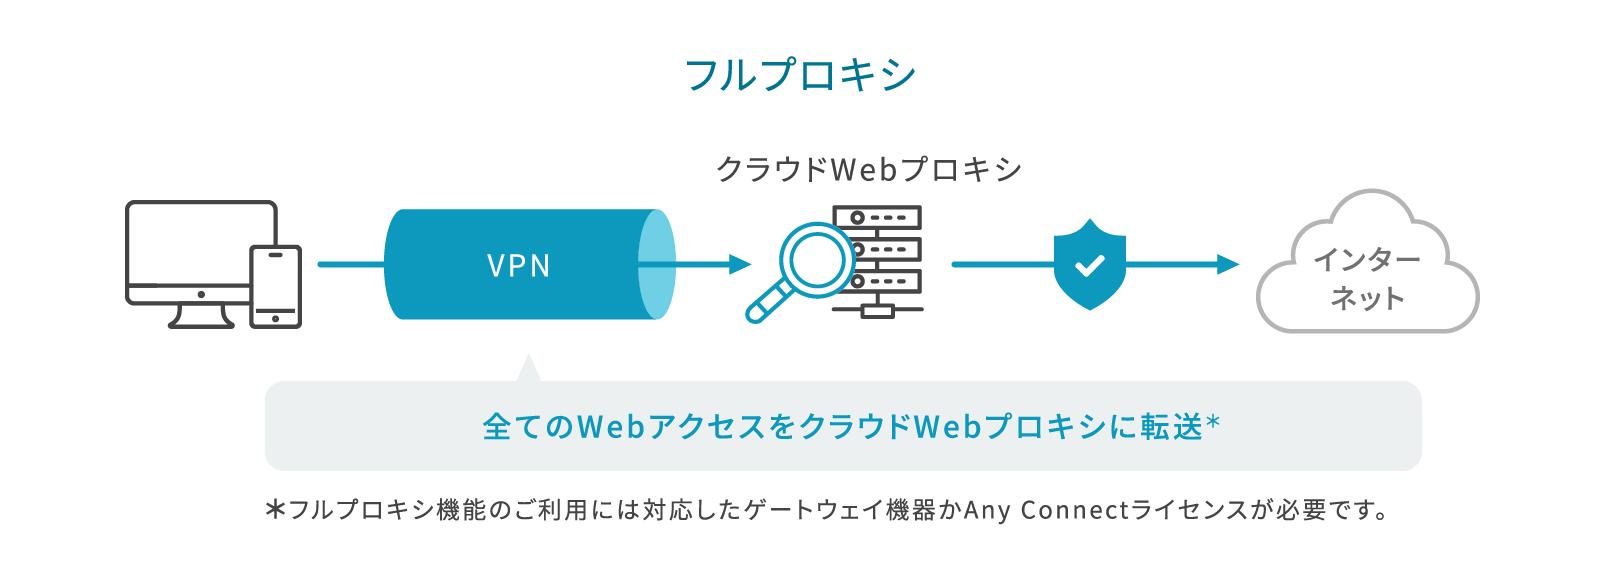 フルプロキシ デバイス→VPN(すべてのWebアクセスをクラウドWebプロキシに転送 ※フルプロキシ機能のご利用には対応したゲートウェイ機器かAny Connectライセンスが必要です)→クラウドWebプロキシ→ブロック→インターネット